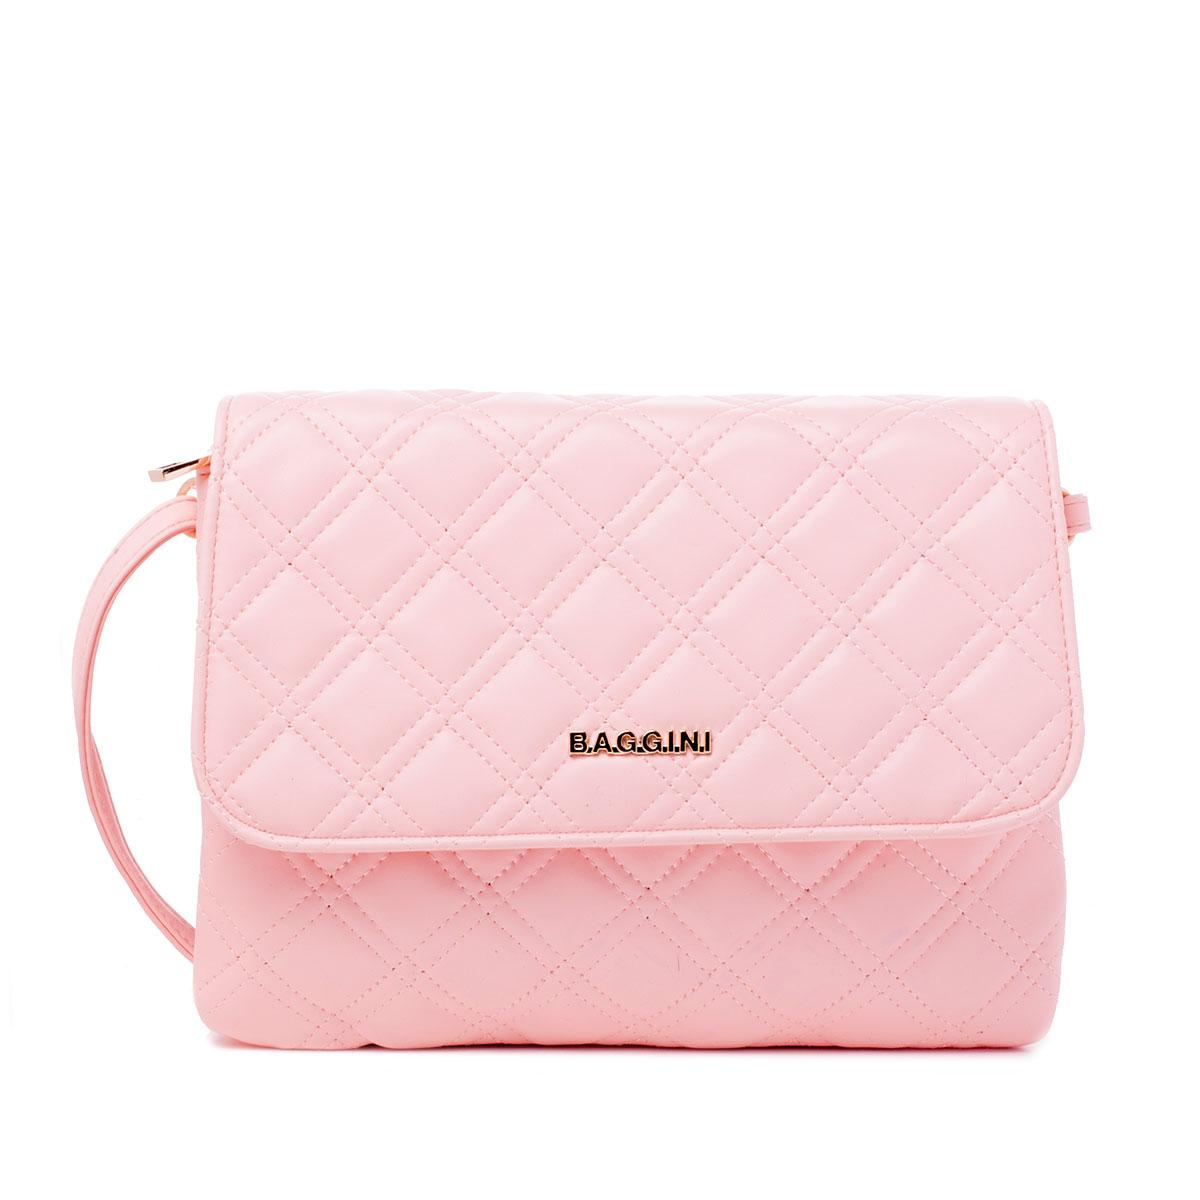 Сумка женская Baggini, цвет: розовый. 29641/6329641/63